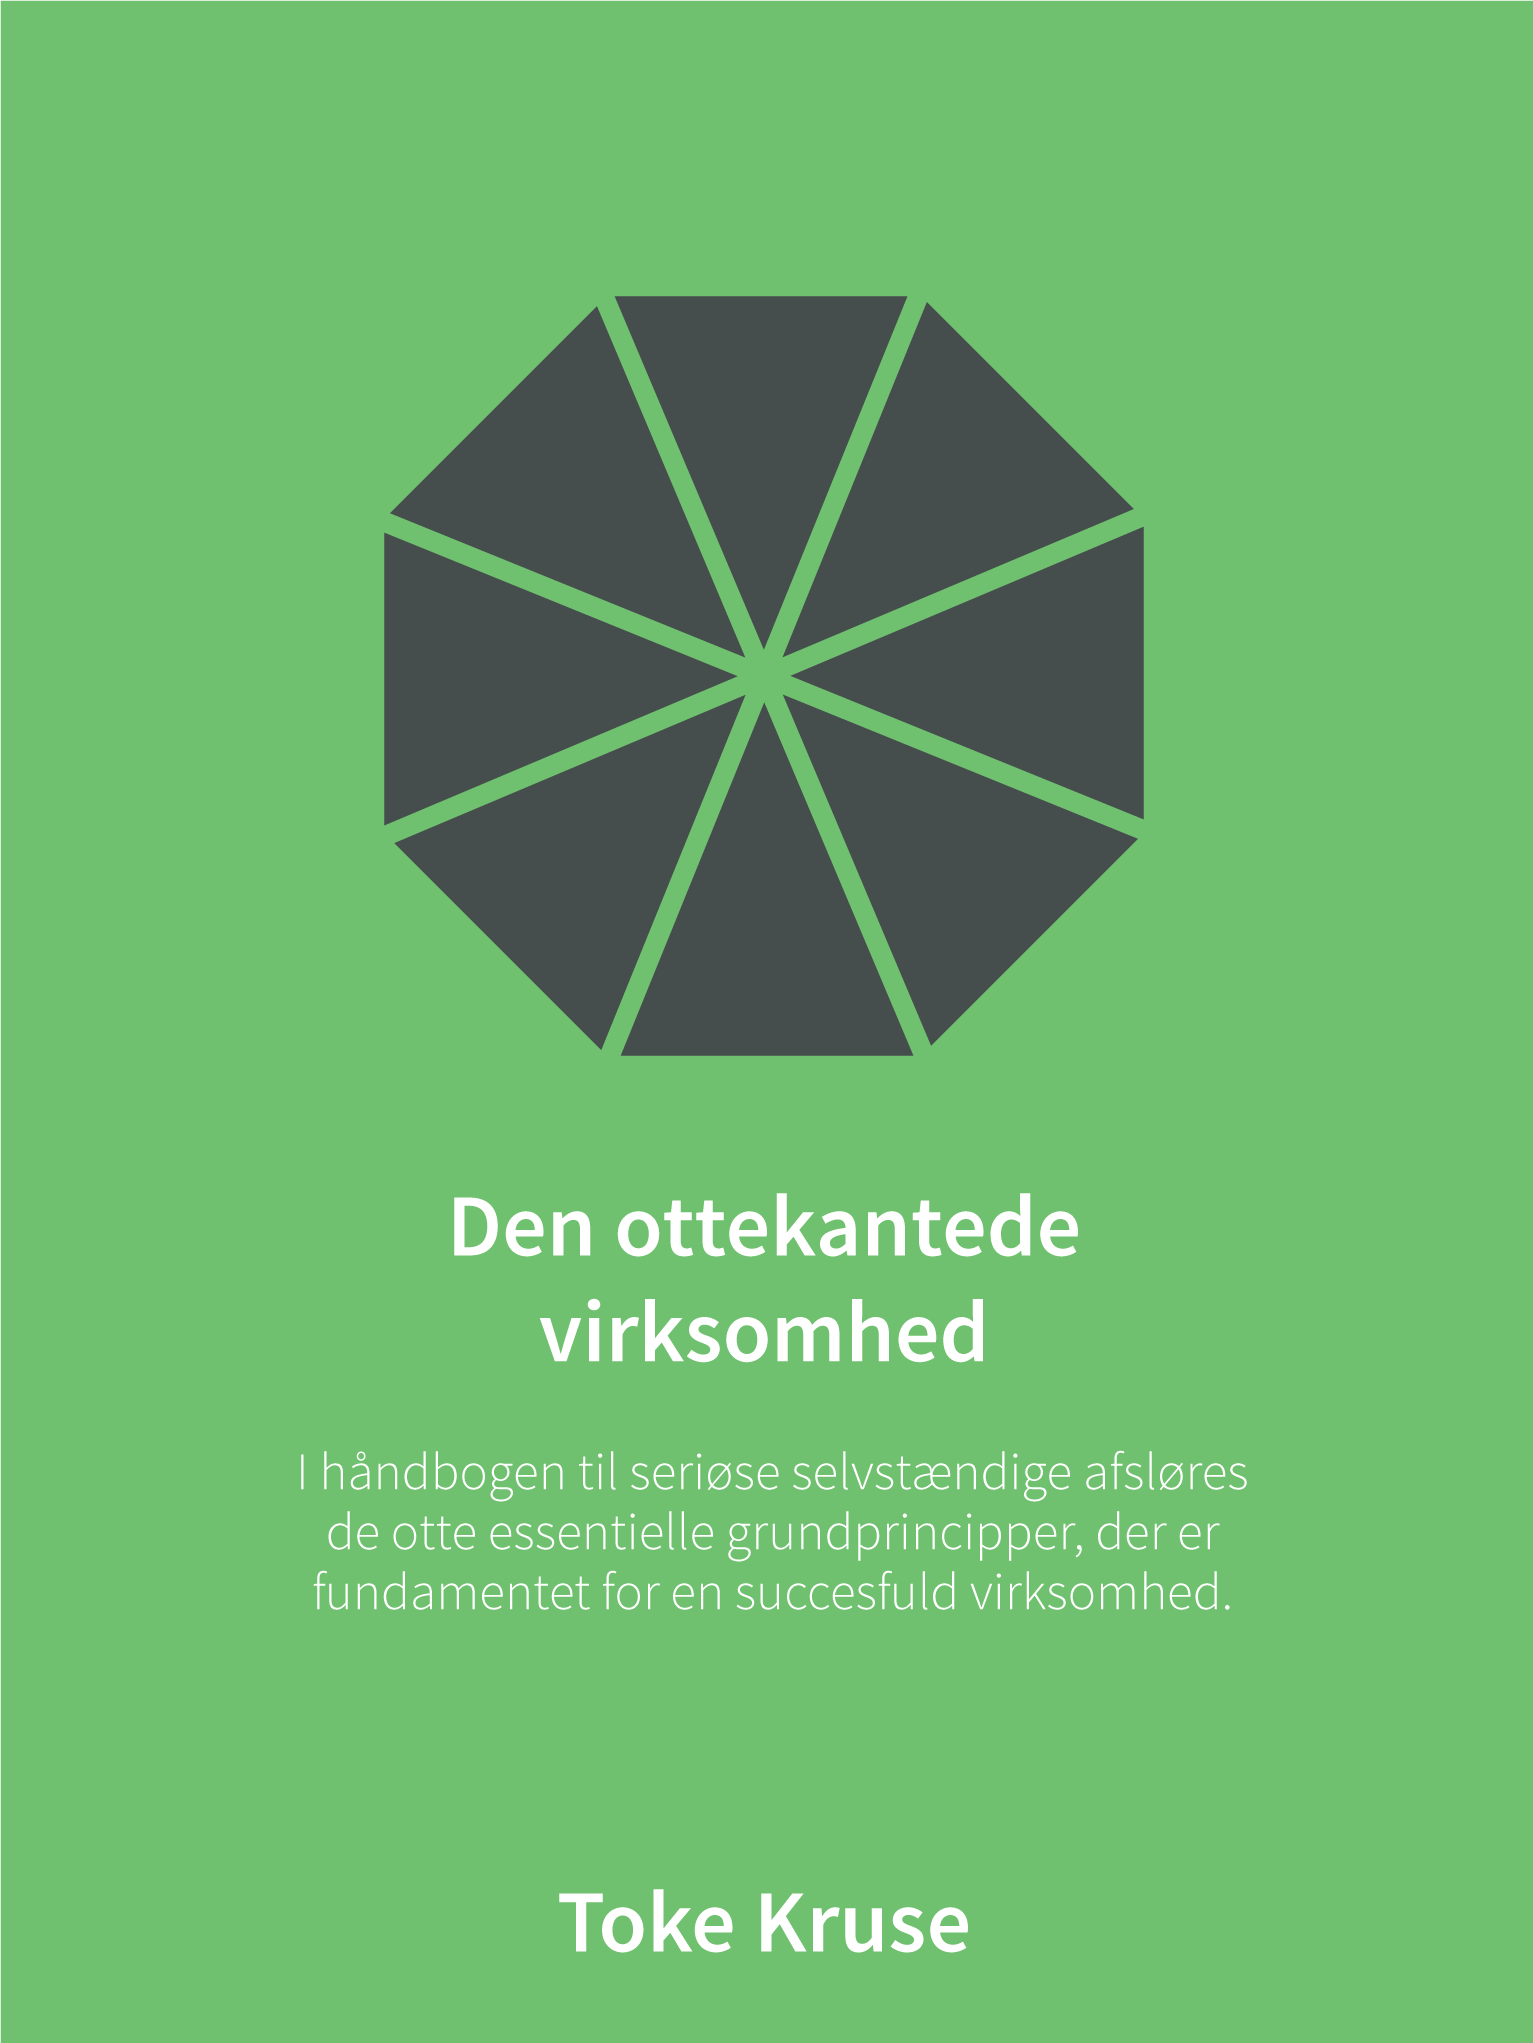 den-ottekantede-virksomhed-cover-large